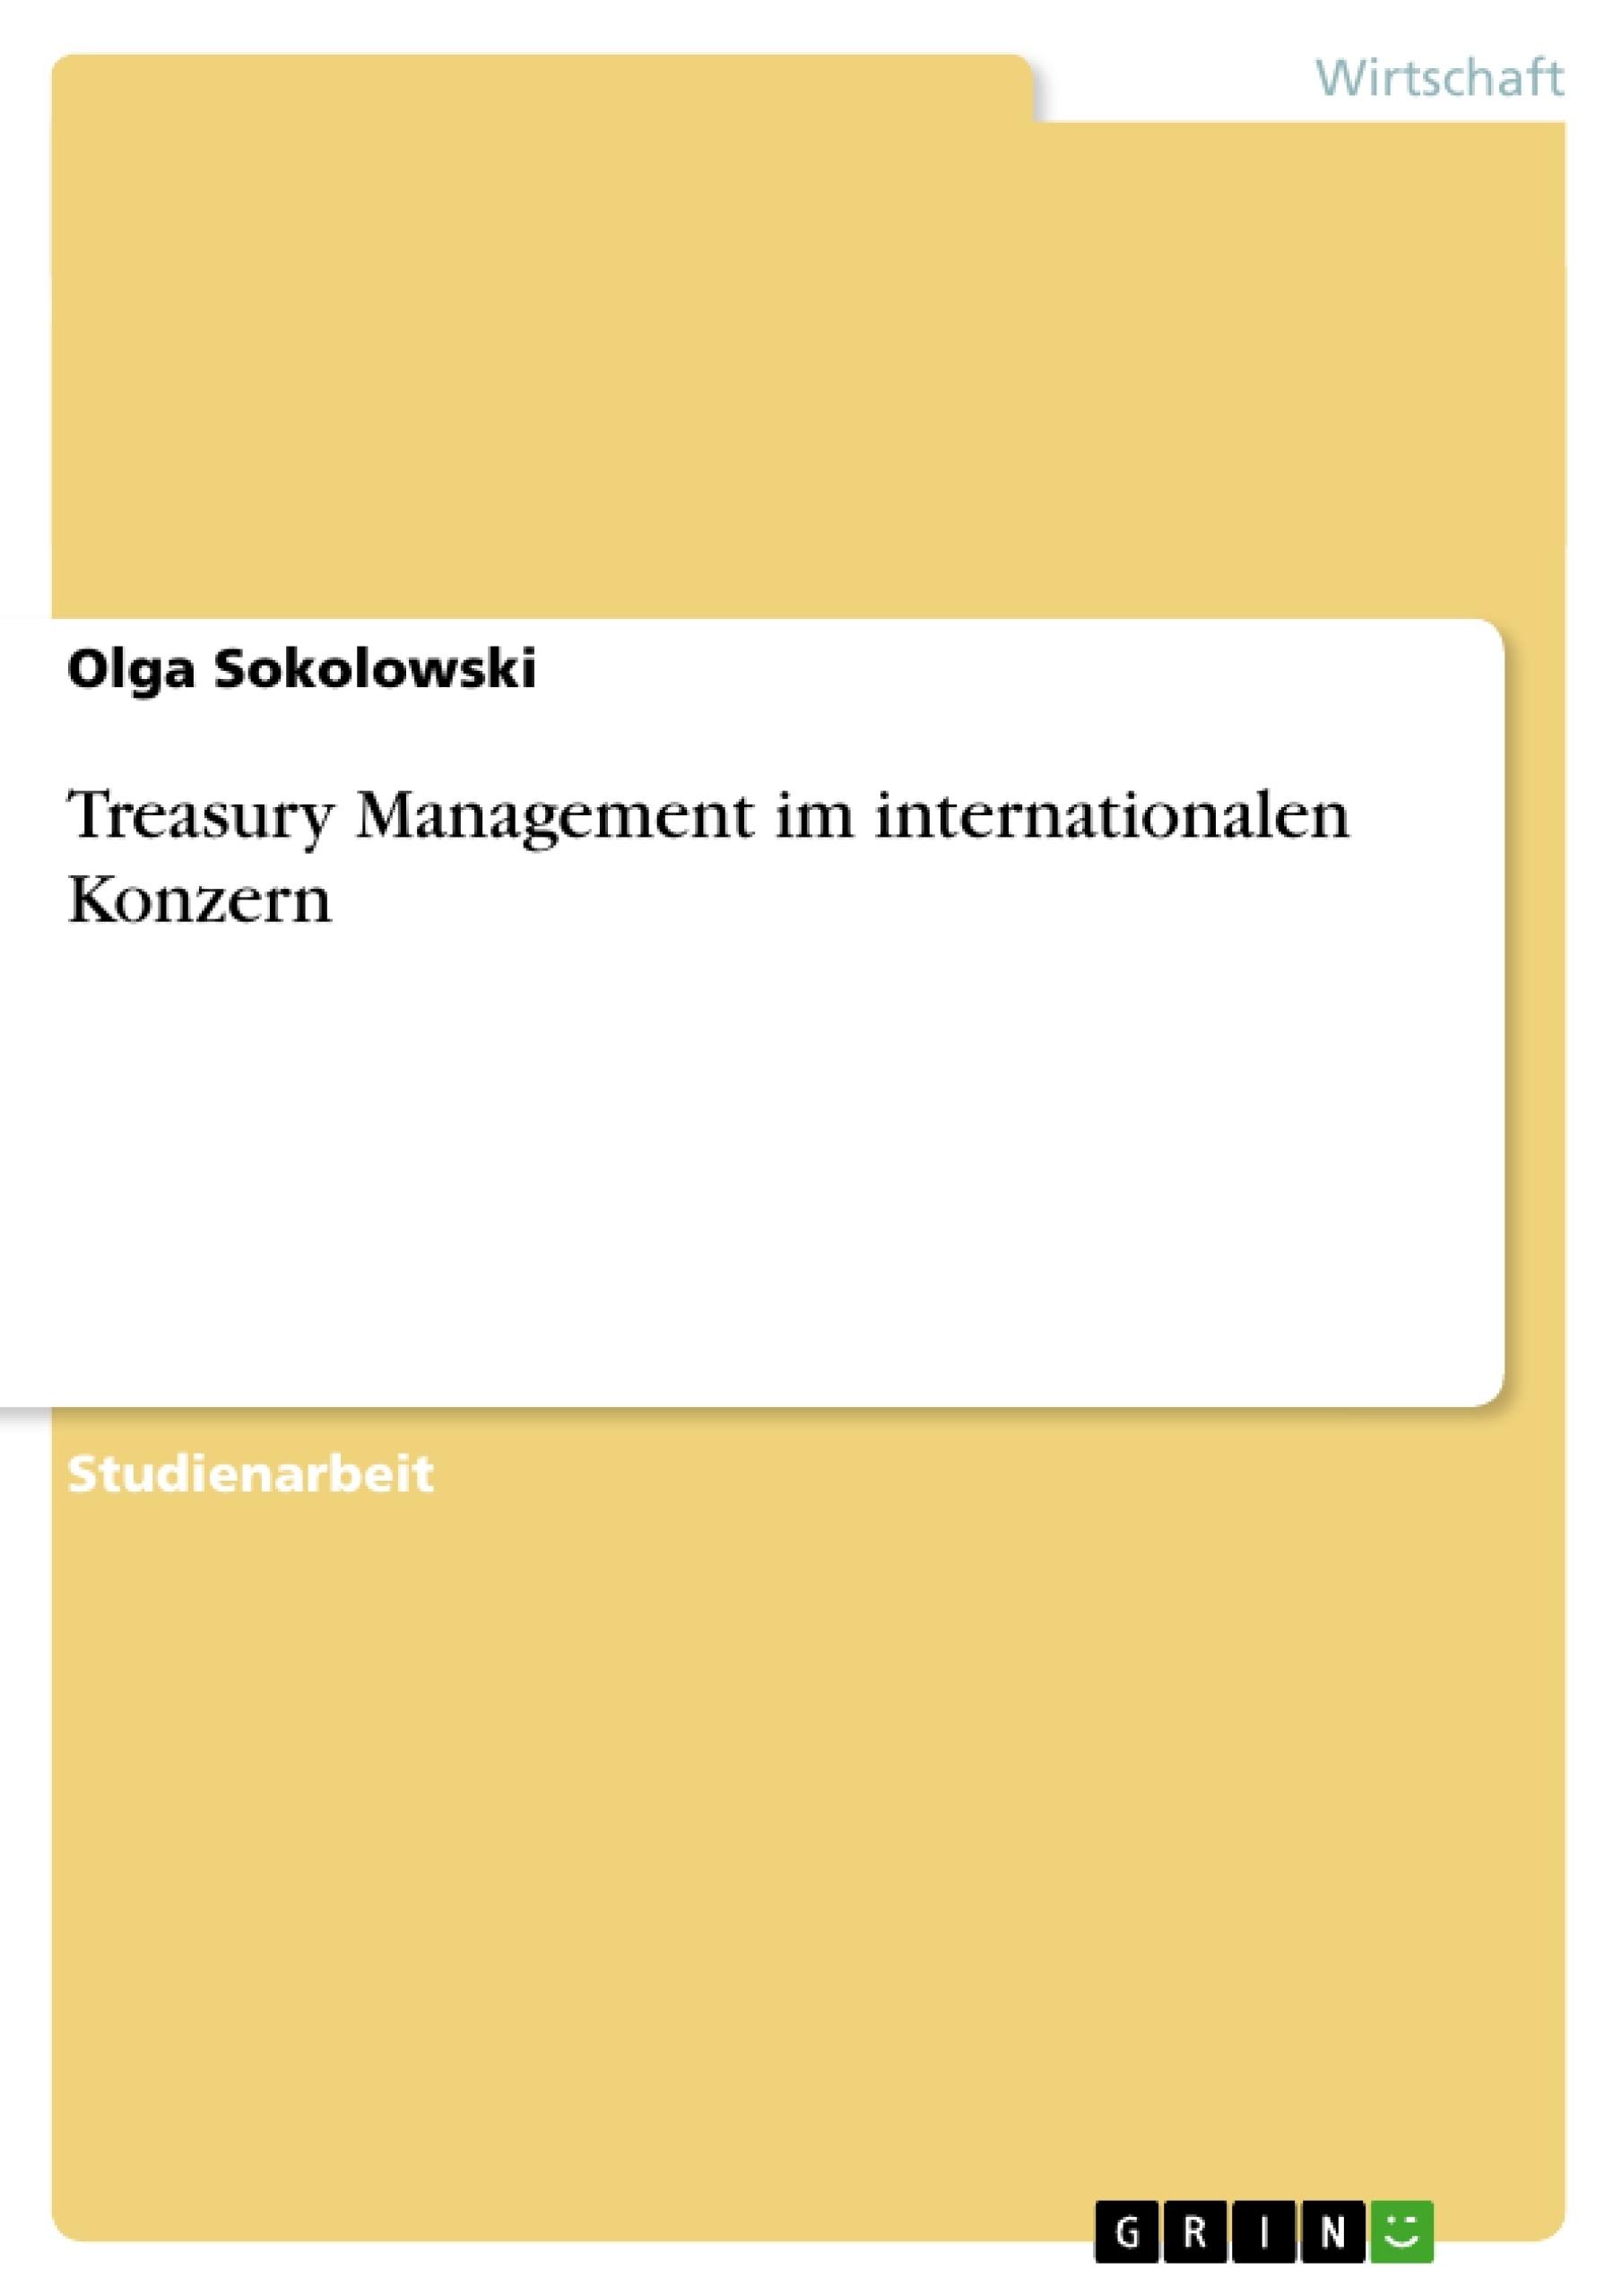 Titel: Treasury Management im internationalen Konzern